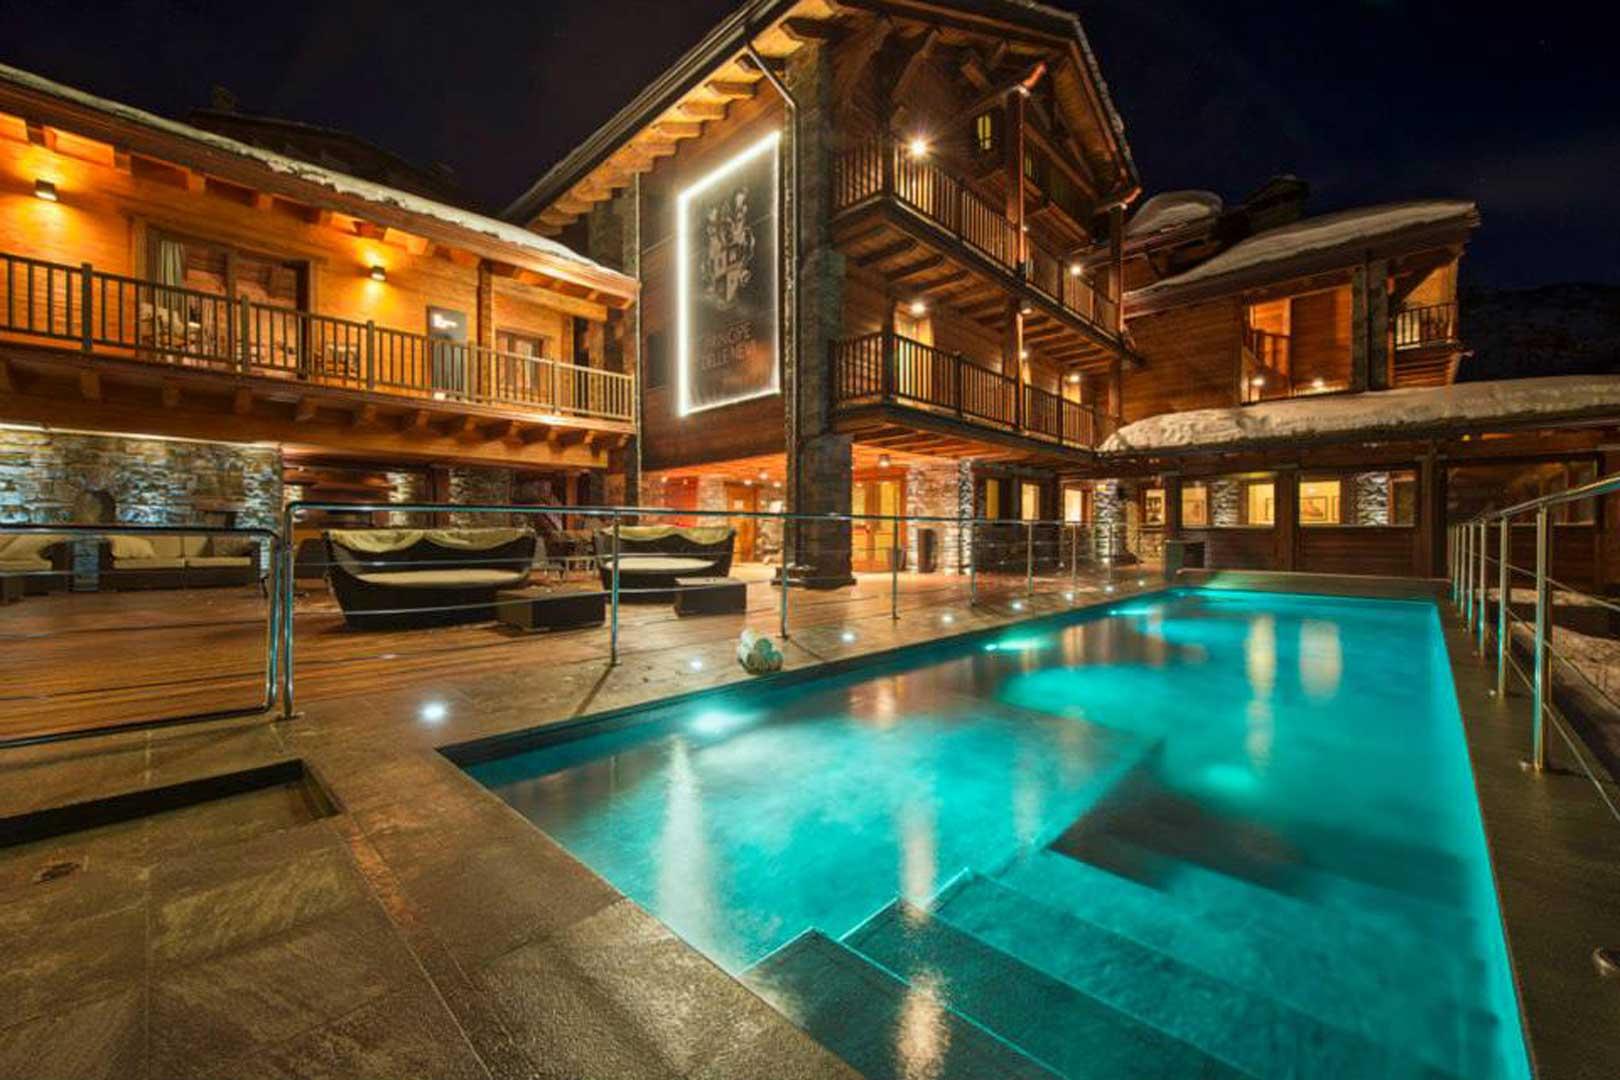 15-hotel-con-spa-per-un-weekend-romantico-vicino-milano-principe-delle-nevi